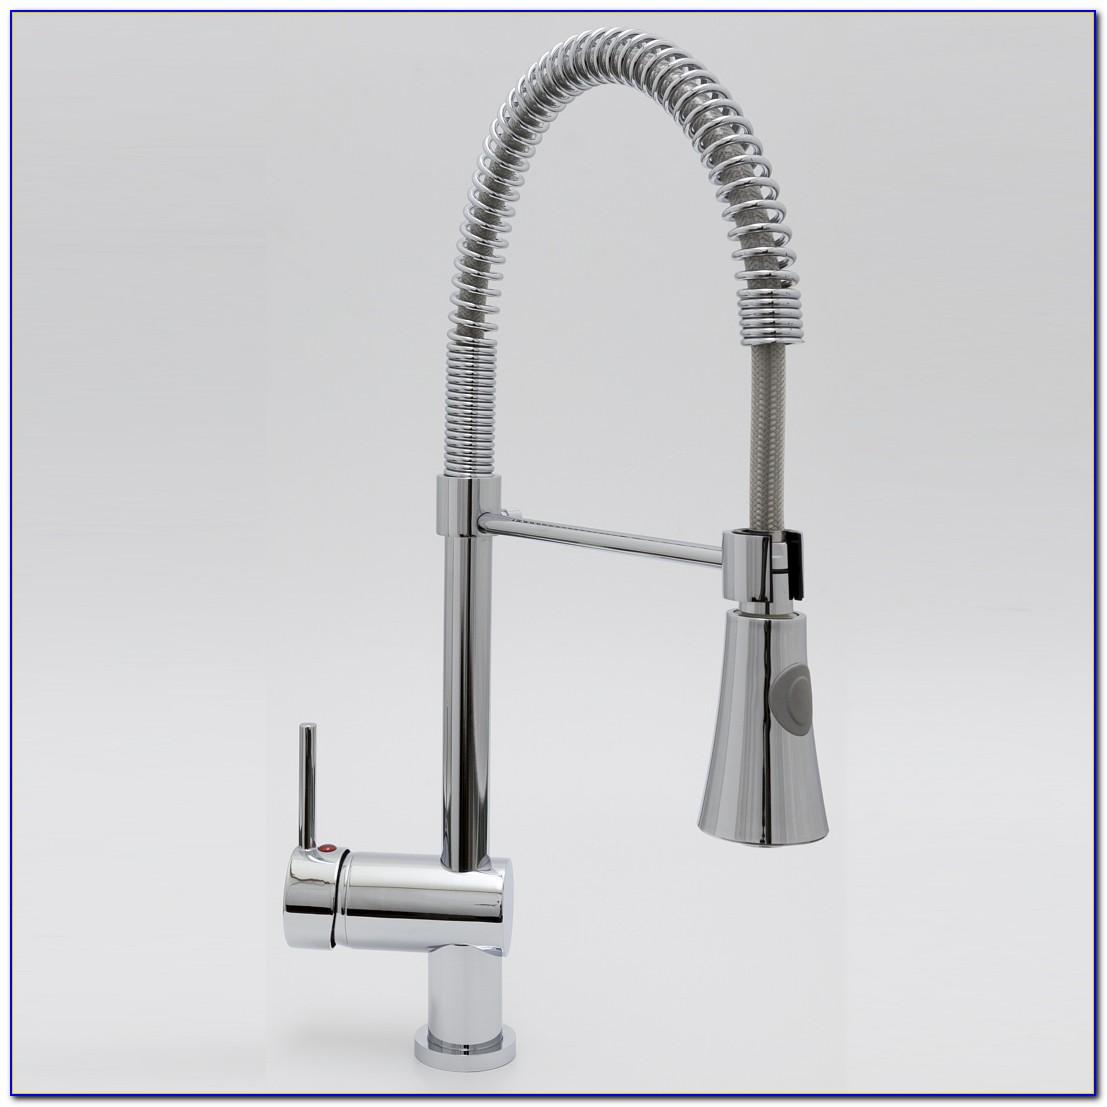 Full Size of Ausziehbarer Wasserhahn Undicht Tropft Küche Wandanschluss Für Bad Esstisch Wohnzimmer Ausziehbarer Wasserhahn Undicht